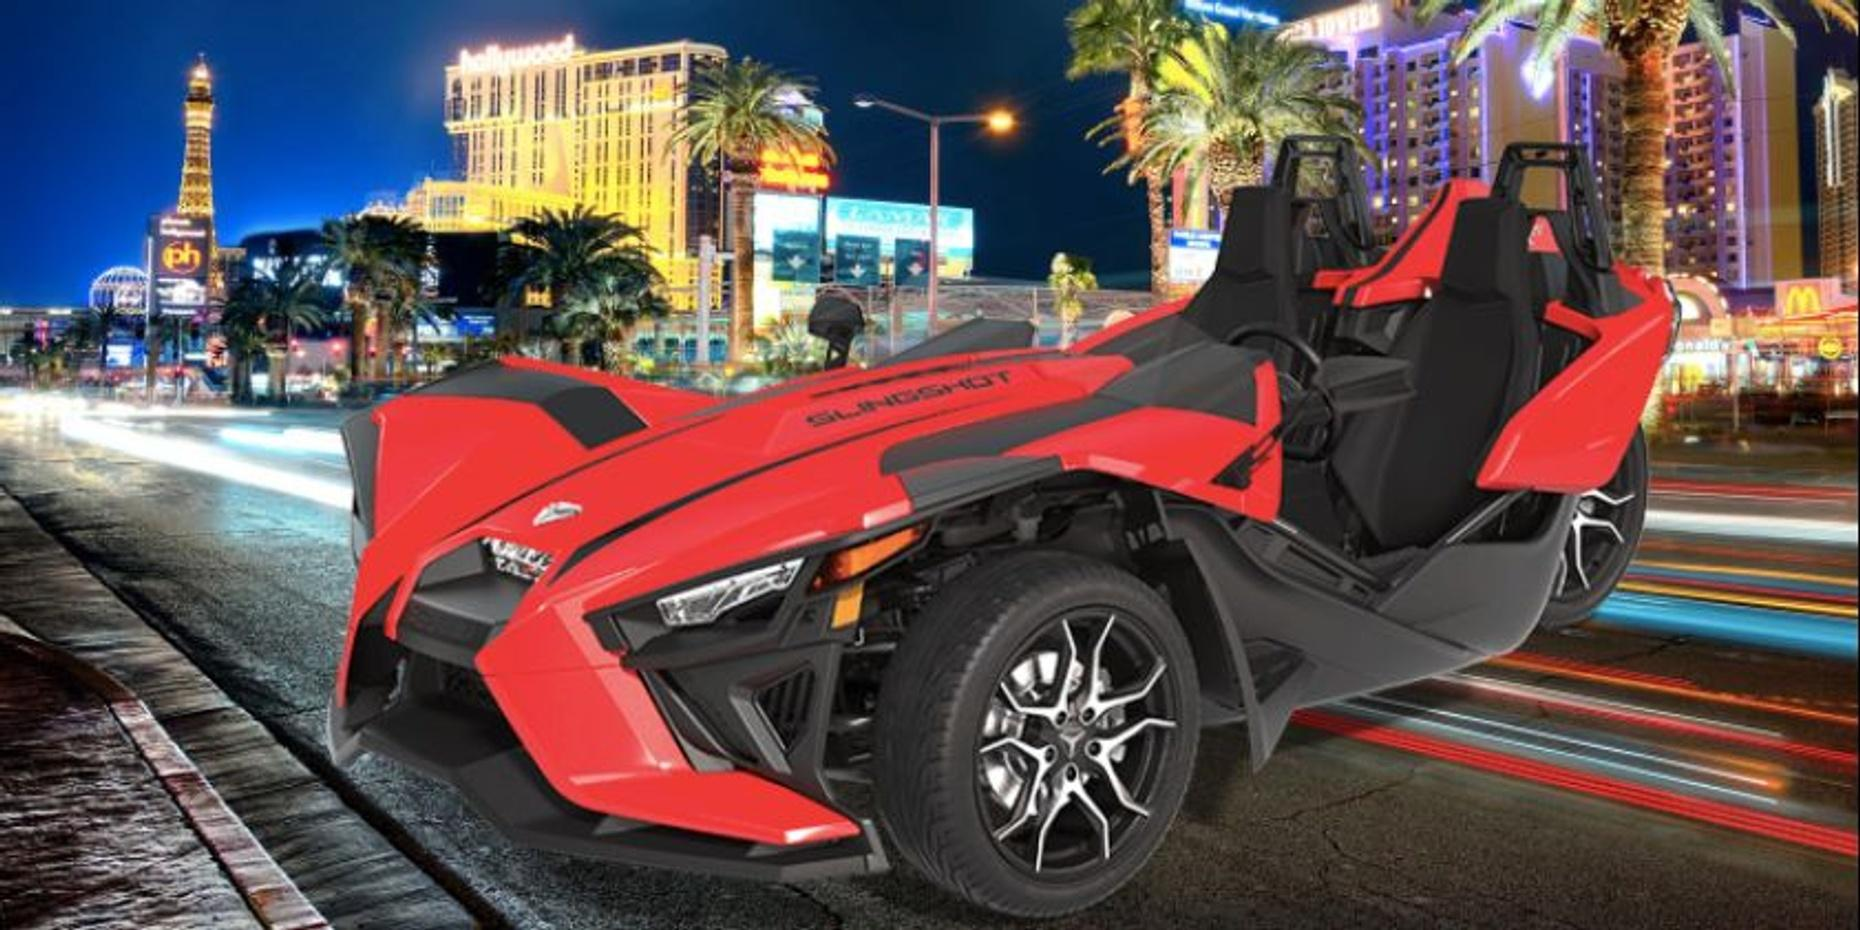 Polaris Slingshot Full-Day Rental in Las Vegas